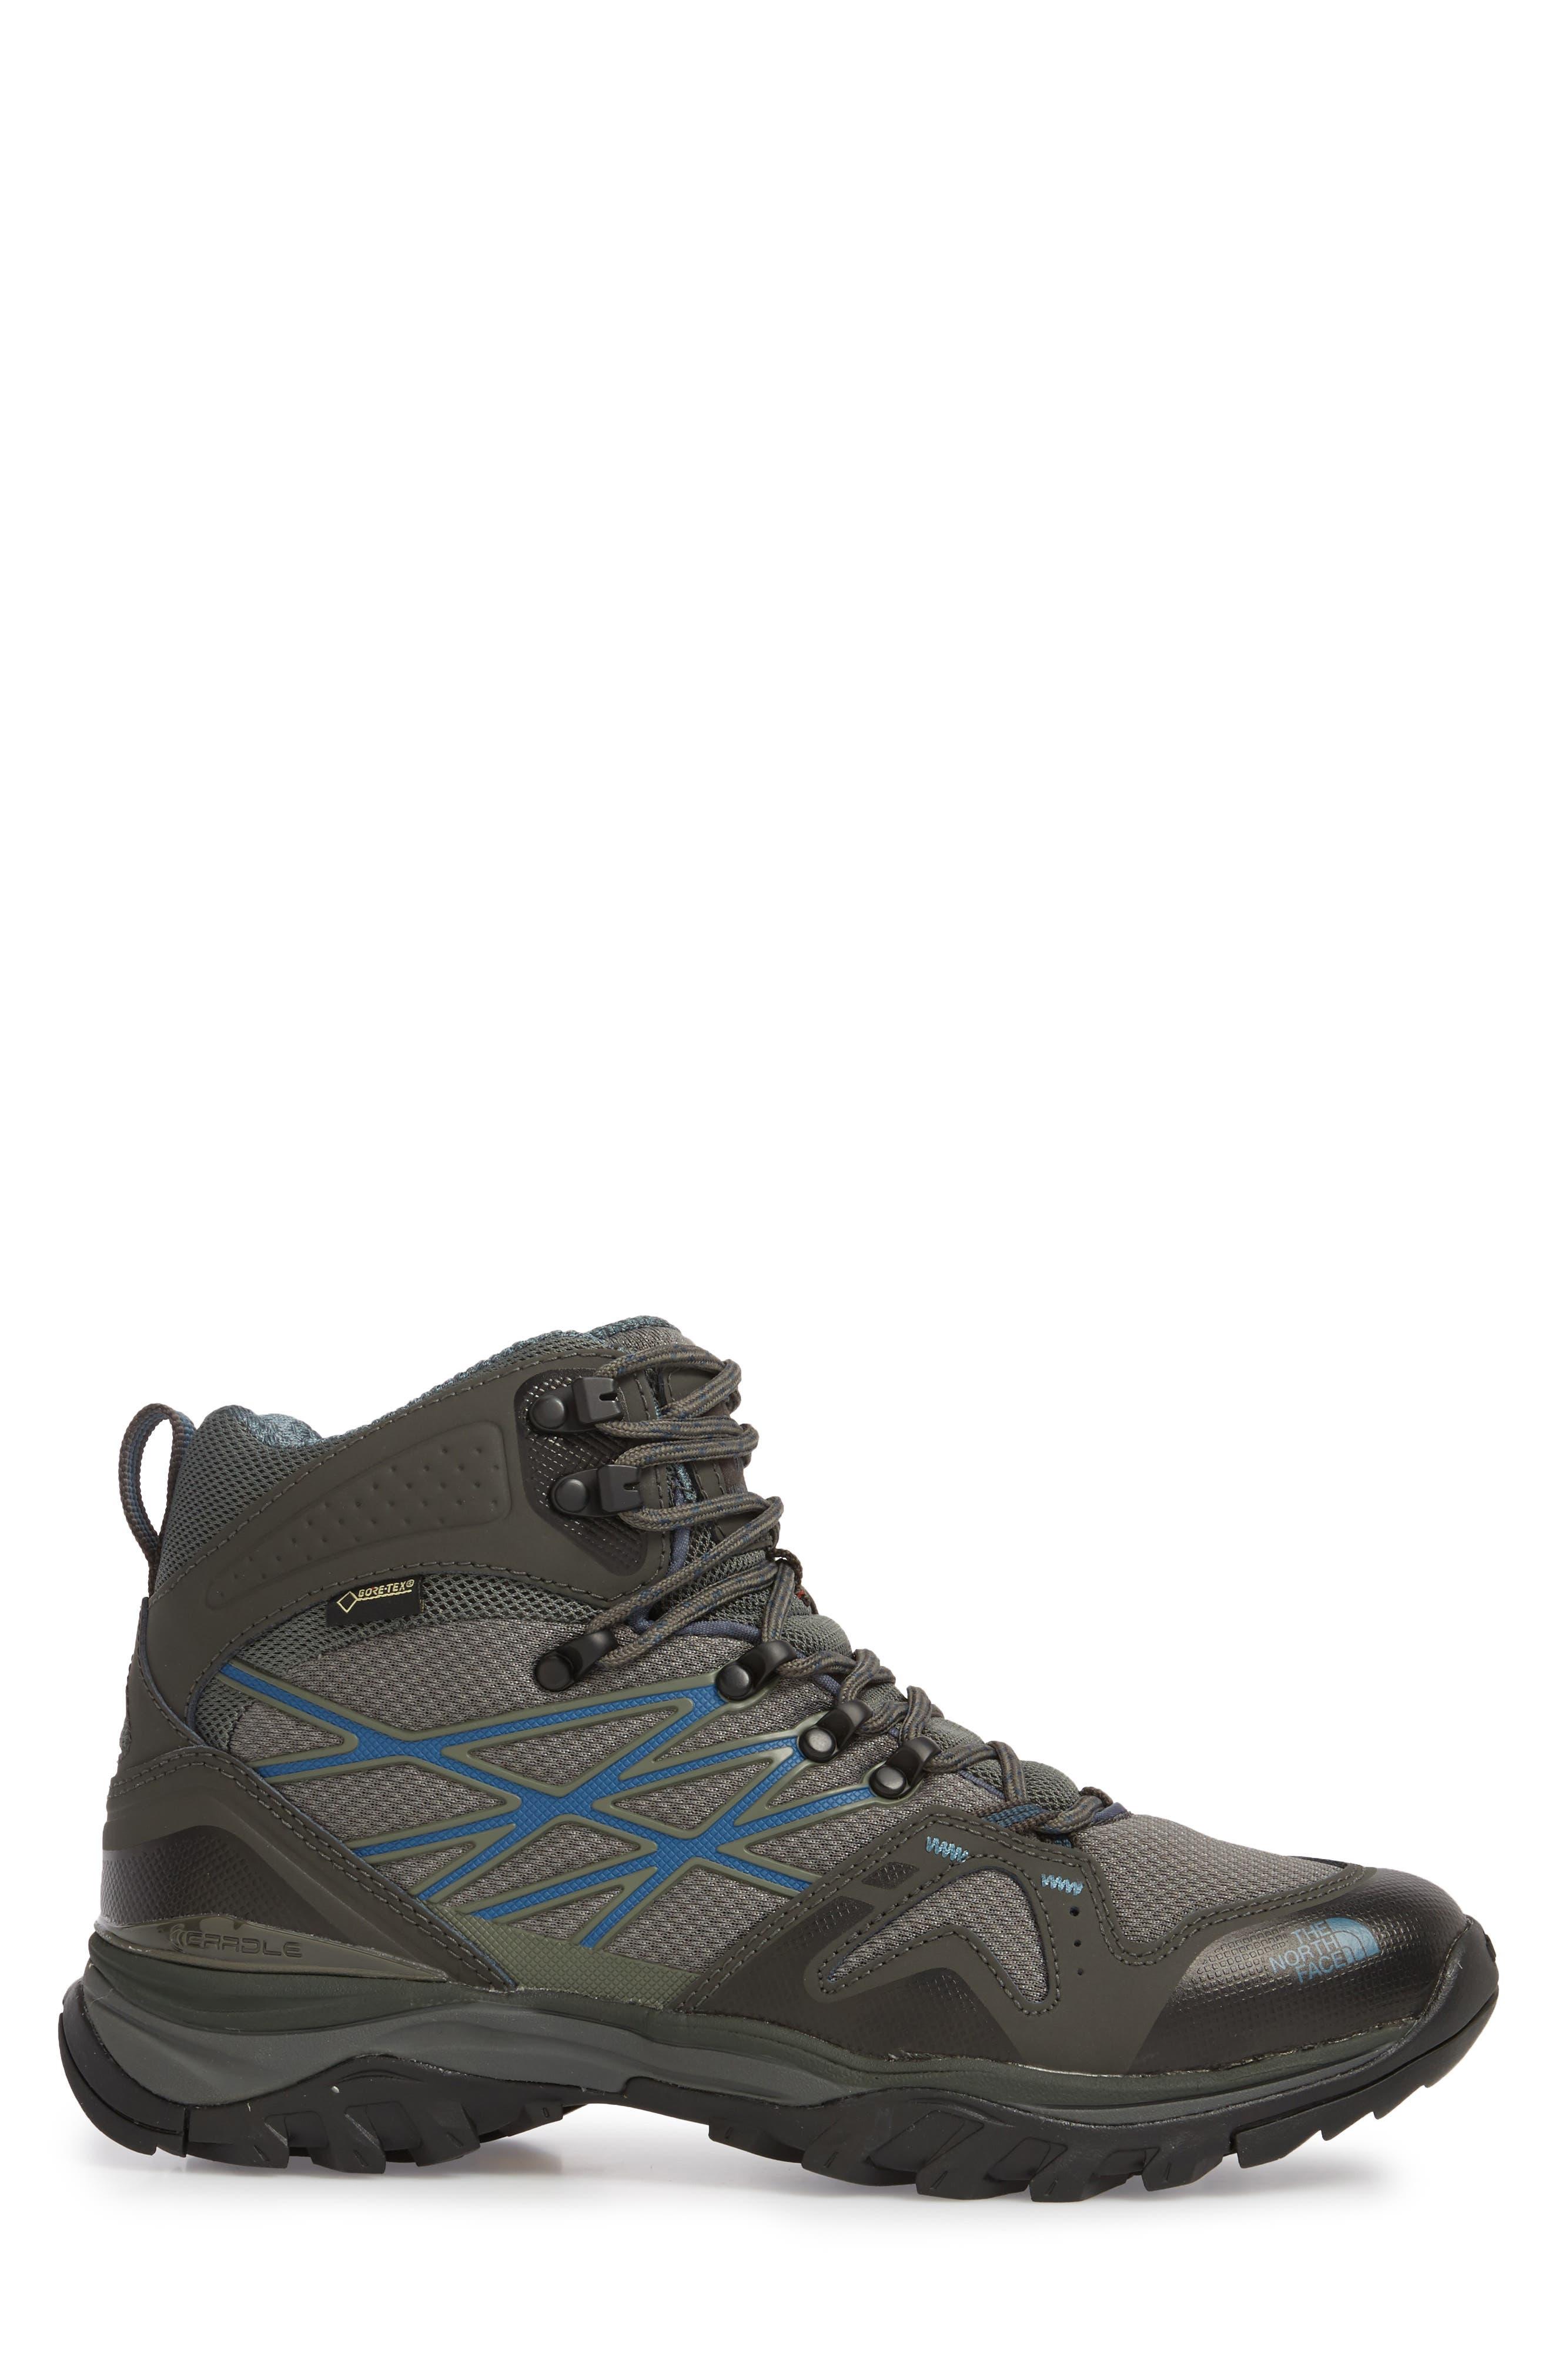 Hedgehog Fastpack Mid Gore-Tex<sup>®</sup> Waterproof Hiking Shoe,                             Alternate thumbnail 3, color,                             020